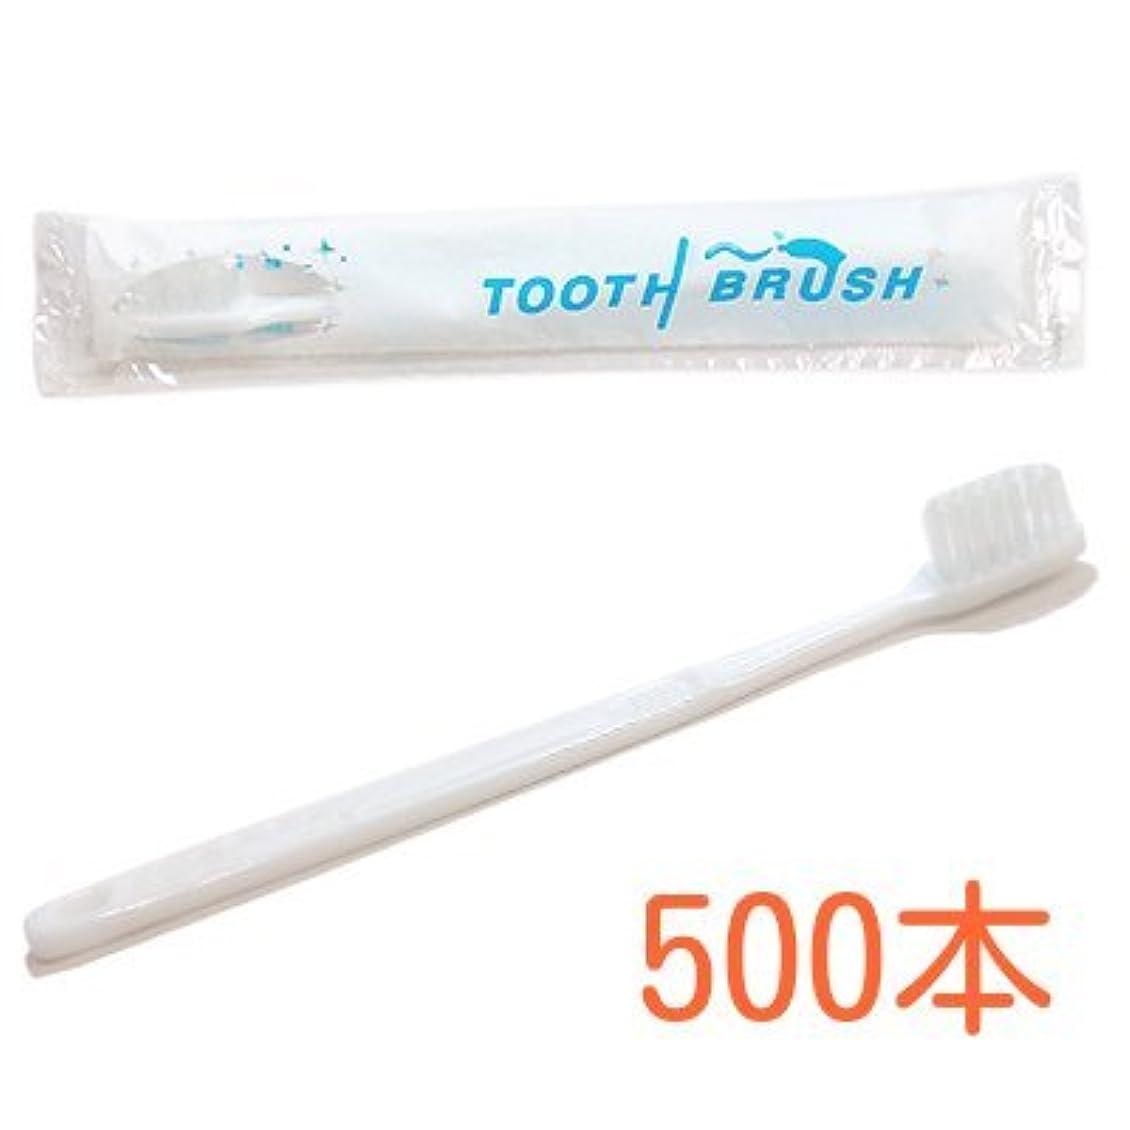 ディンカルビル湿気の多い貸す業務用 粉付き歯ブラシ インスタント歯ブラシ 選べるセット 500本